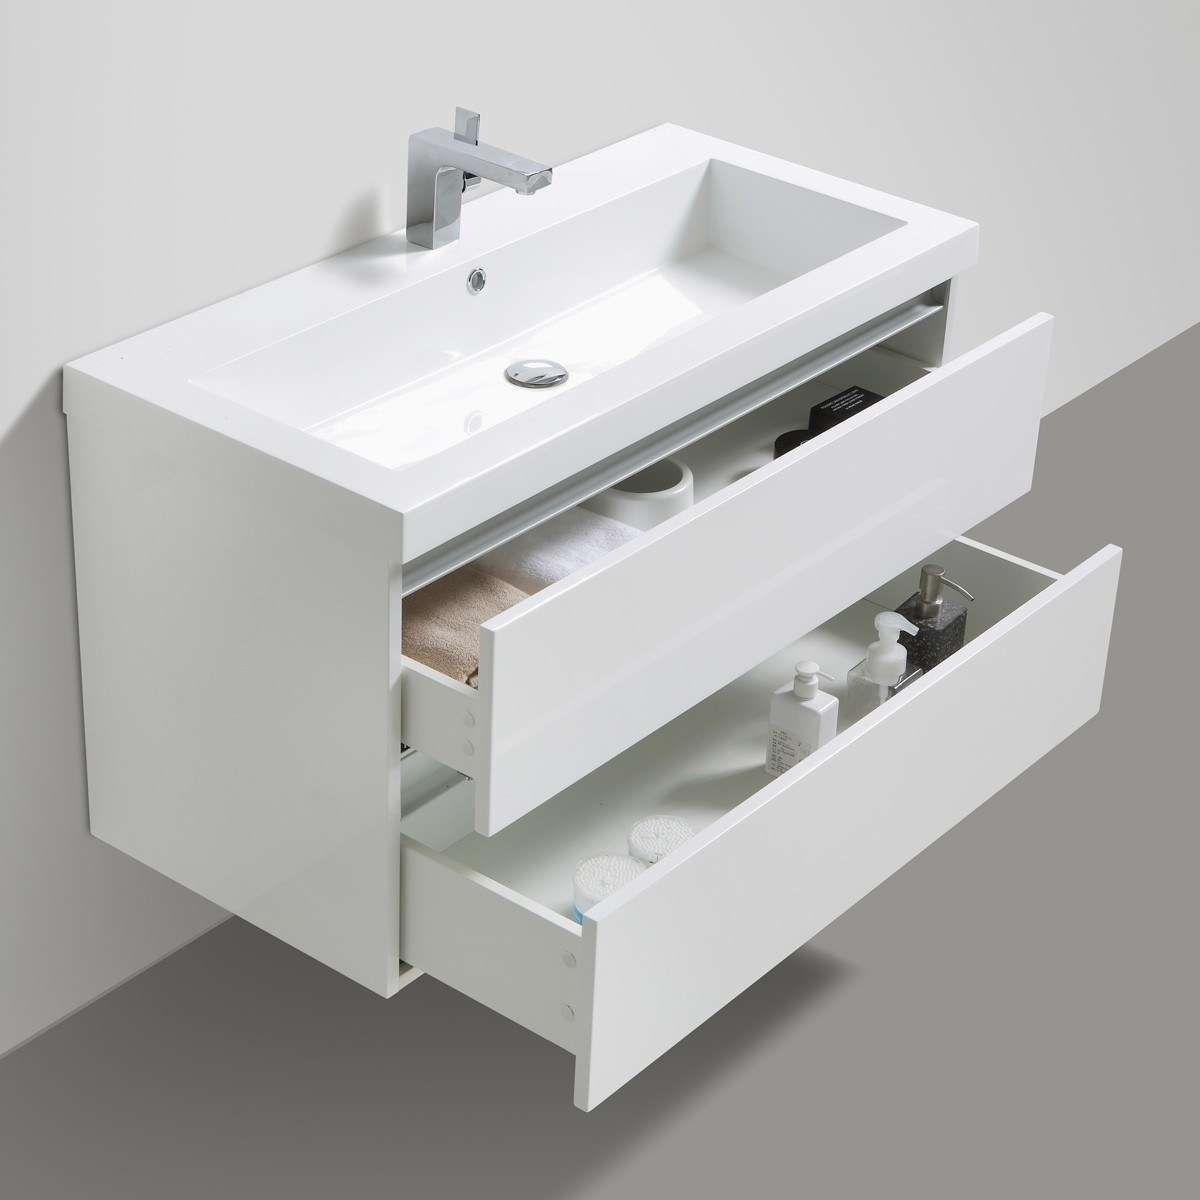 Waschbeckenunterschrank 100 Cm Breit Waschbeckenunterschrank 80 Cm